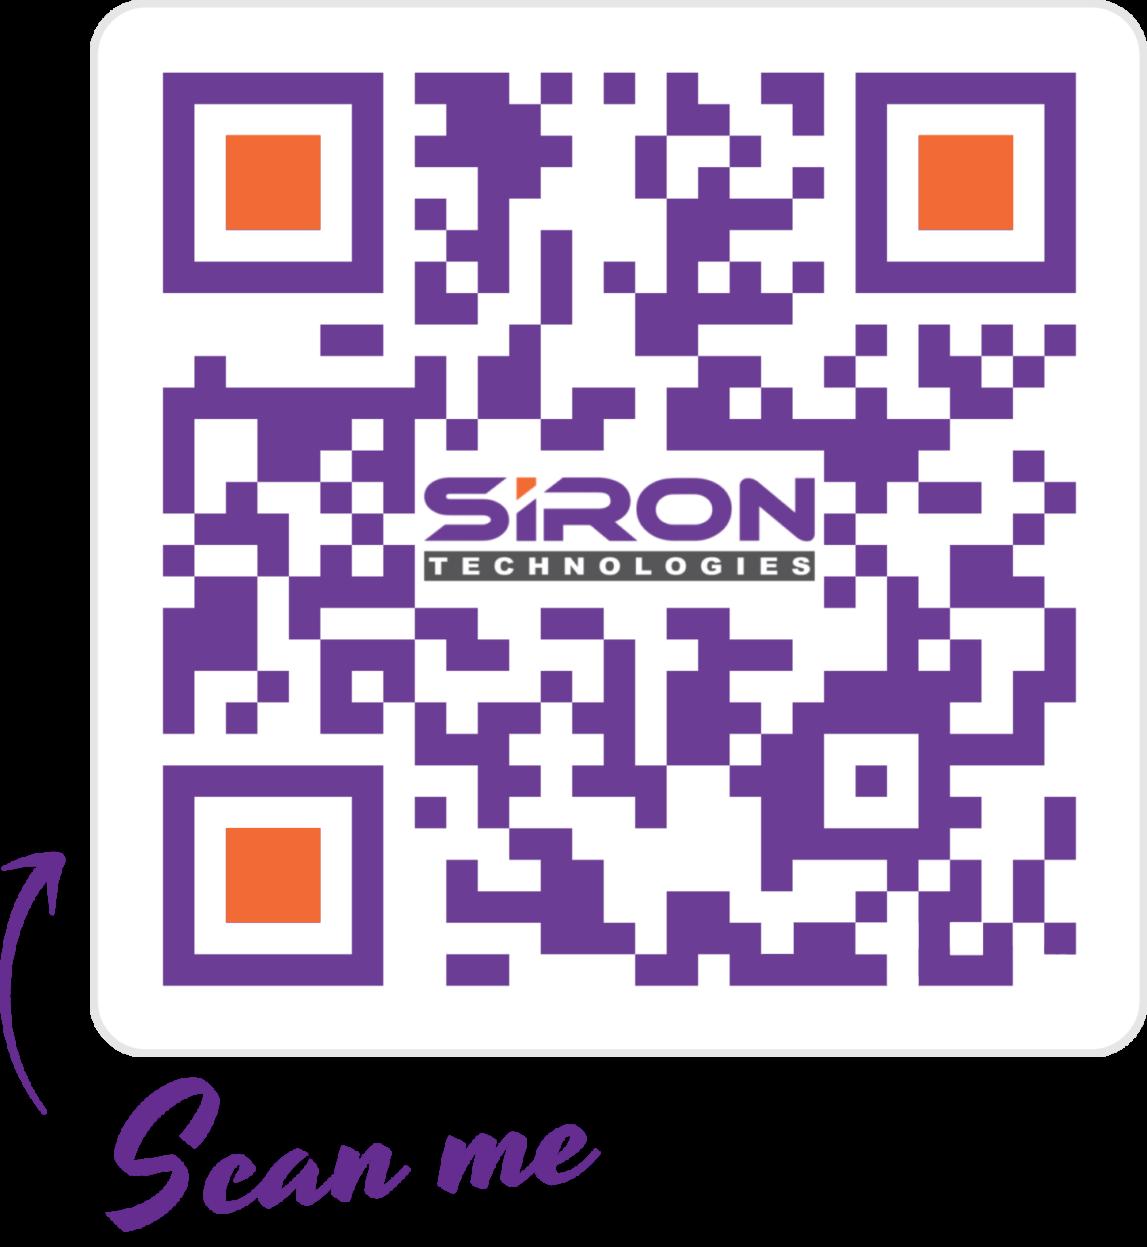 siron qr code